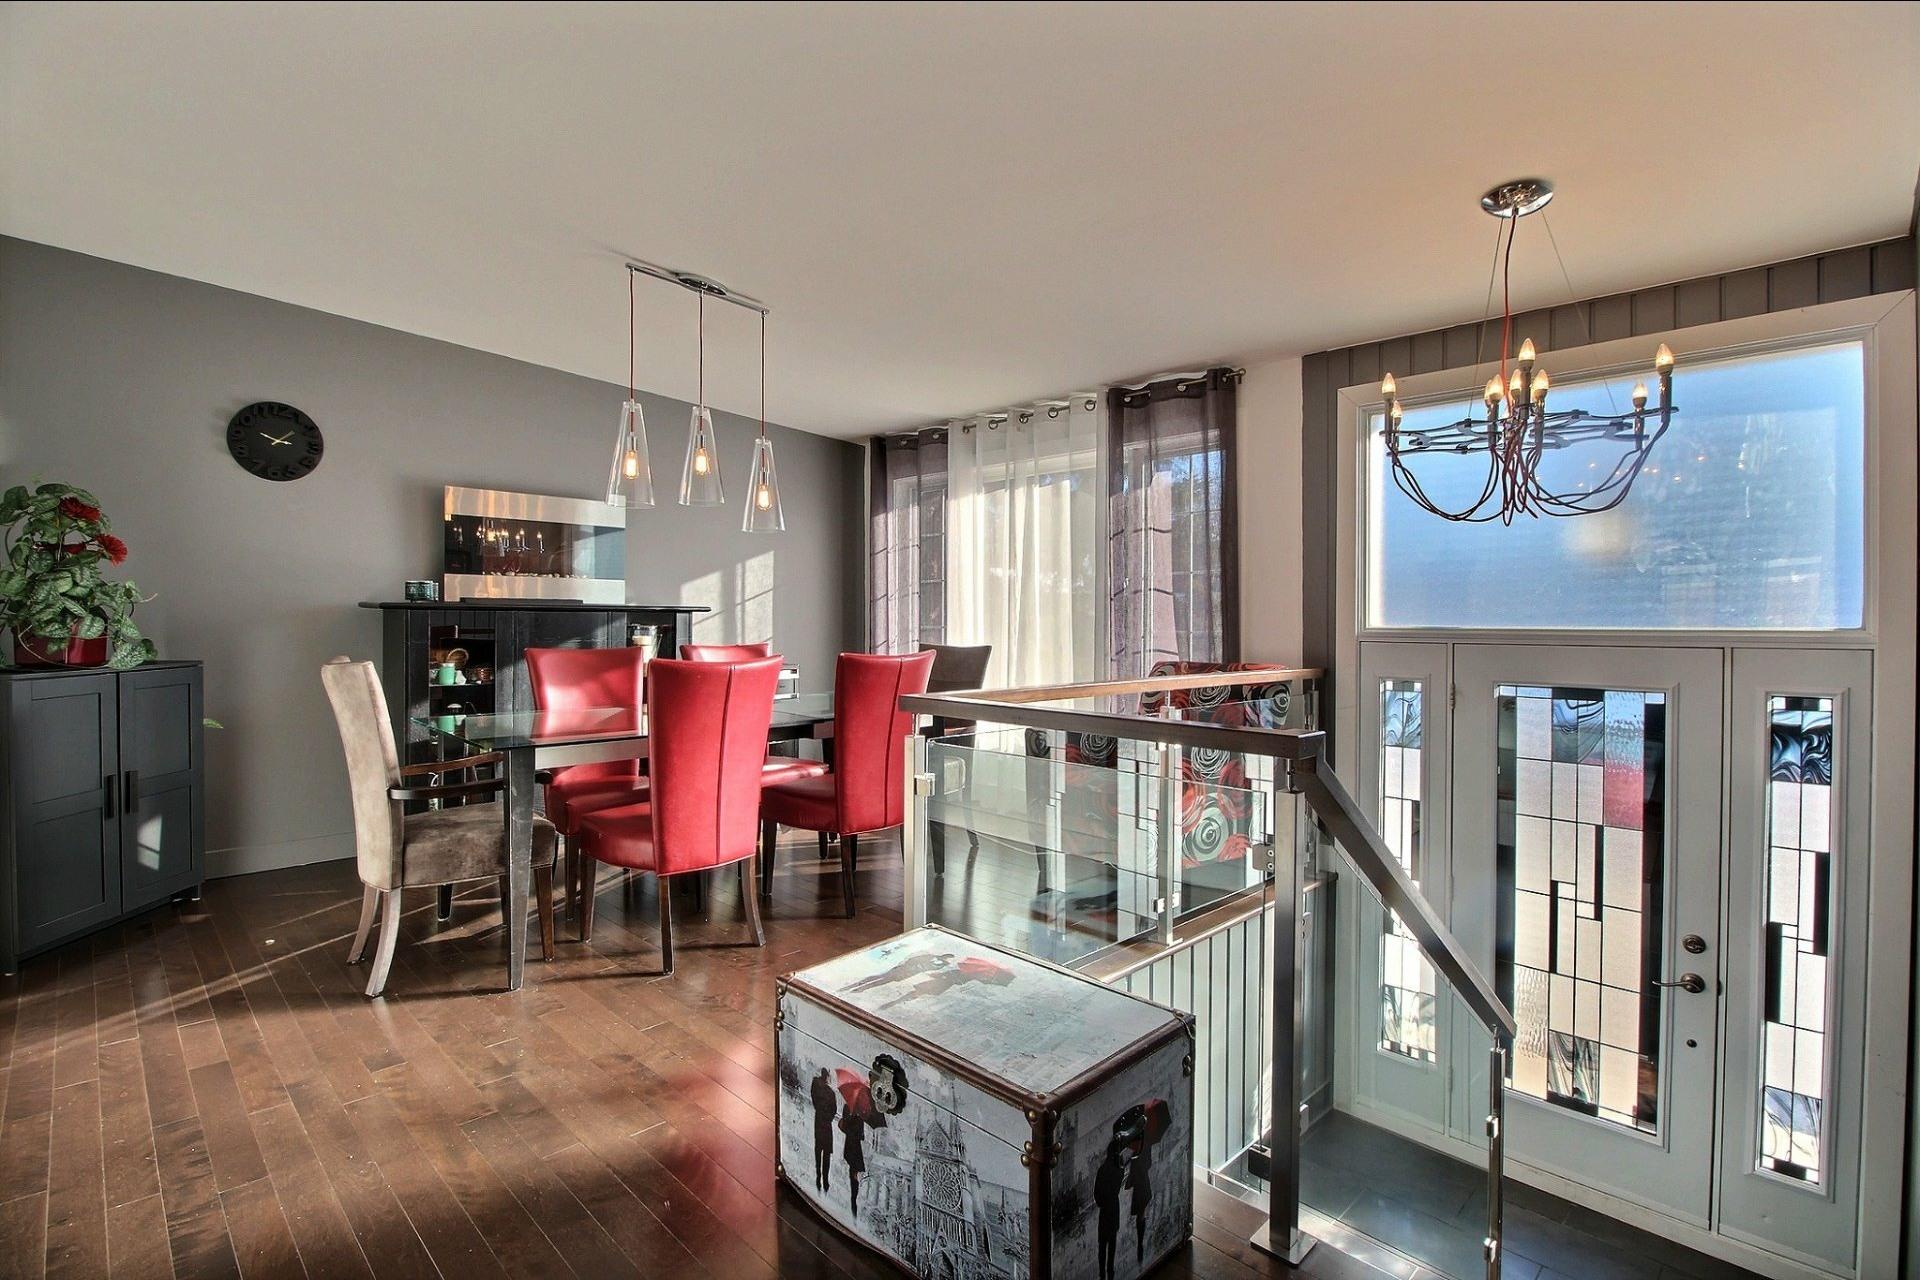 image 1 - Maison À vendre Montréal Rivière-des-Prairies/Pointe-aux-Trembles  - 11 pièces